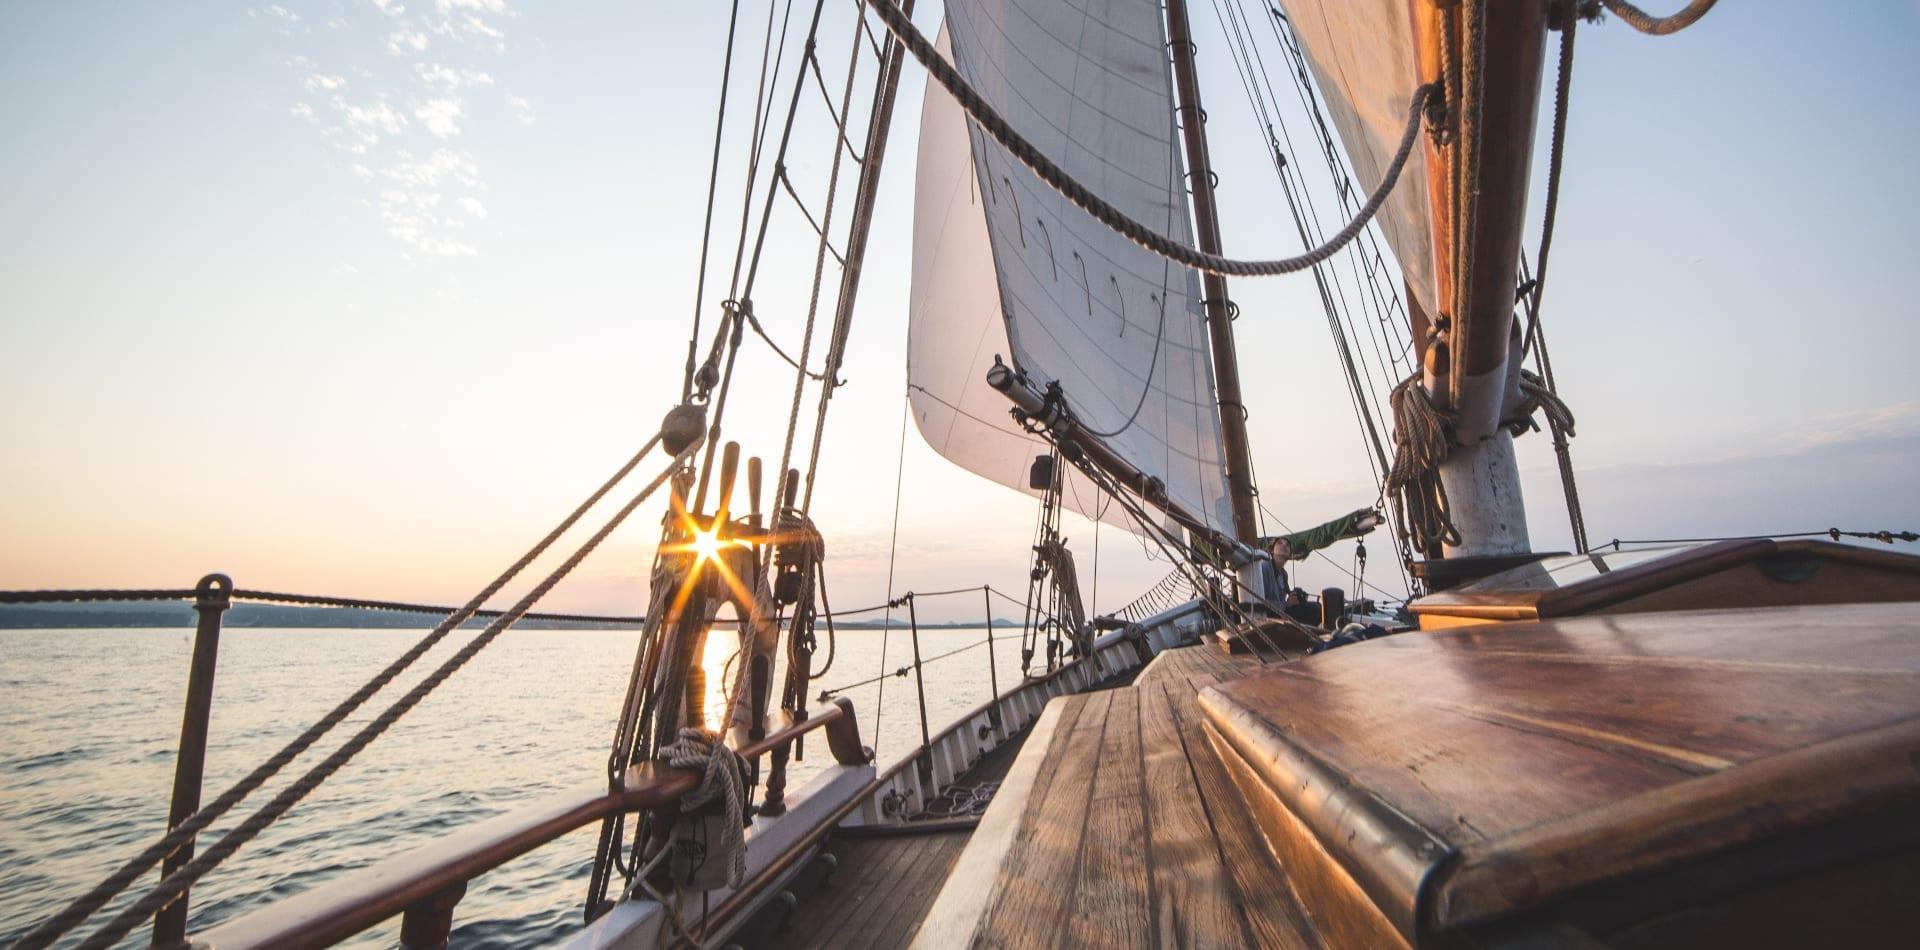 sailing yacht captains crew